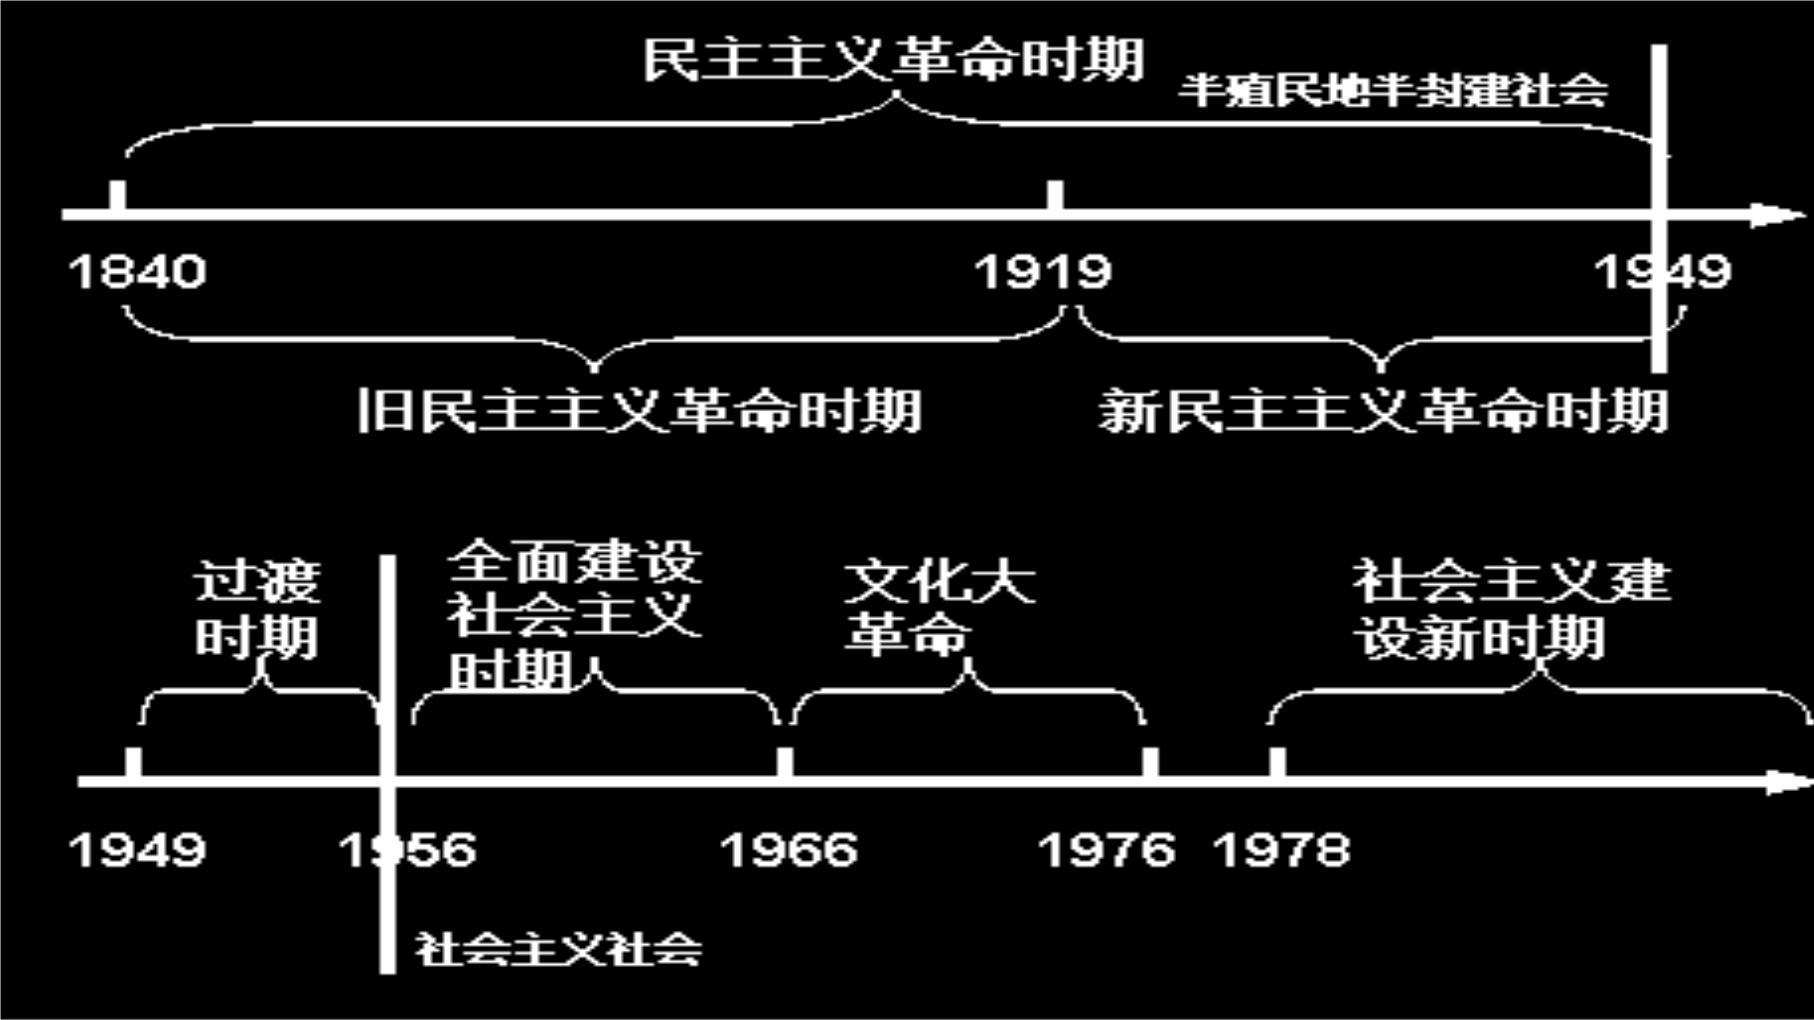 东方红拖拉机9o电路图